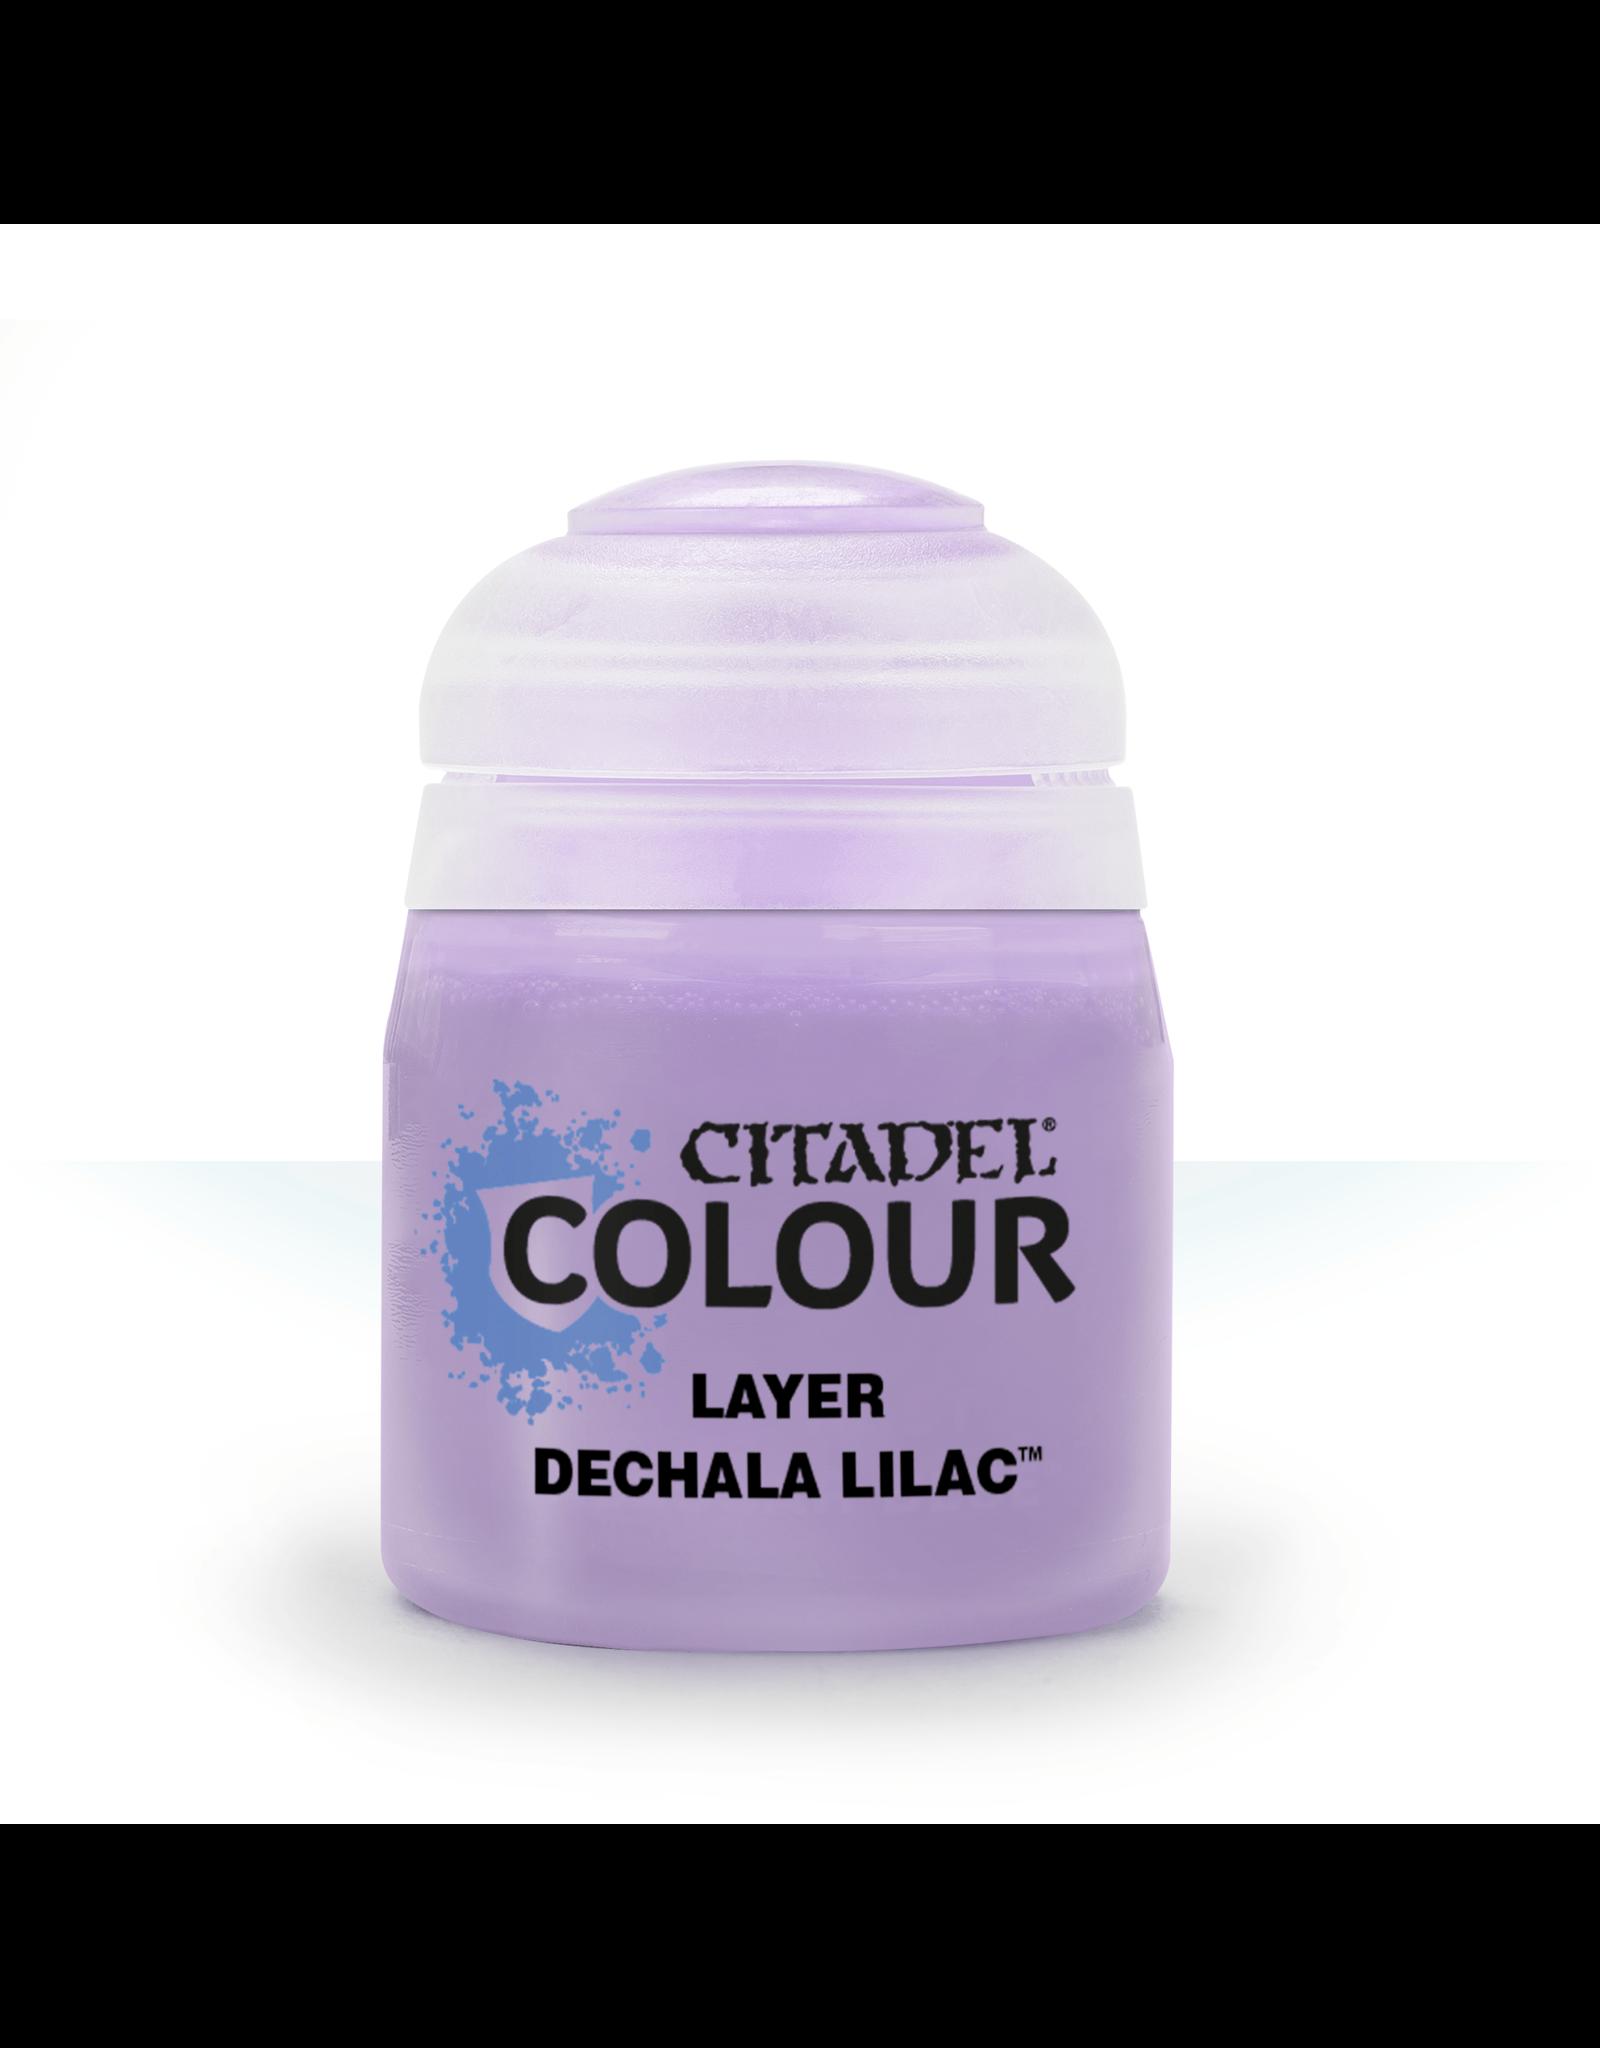 Citadel Dechala Lilac